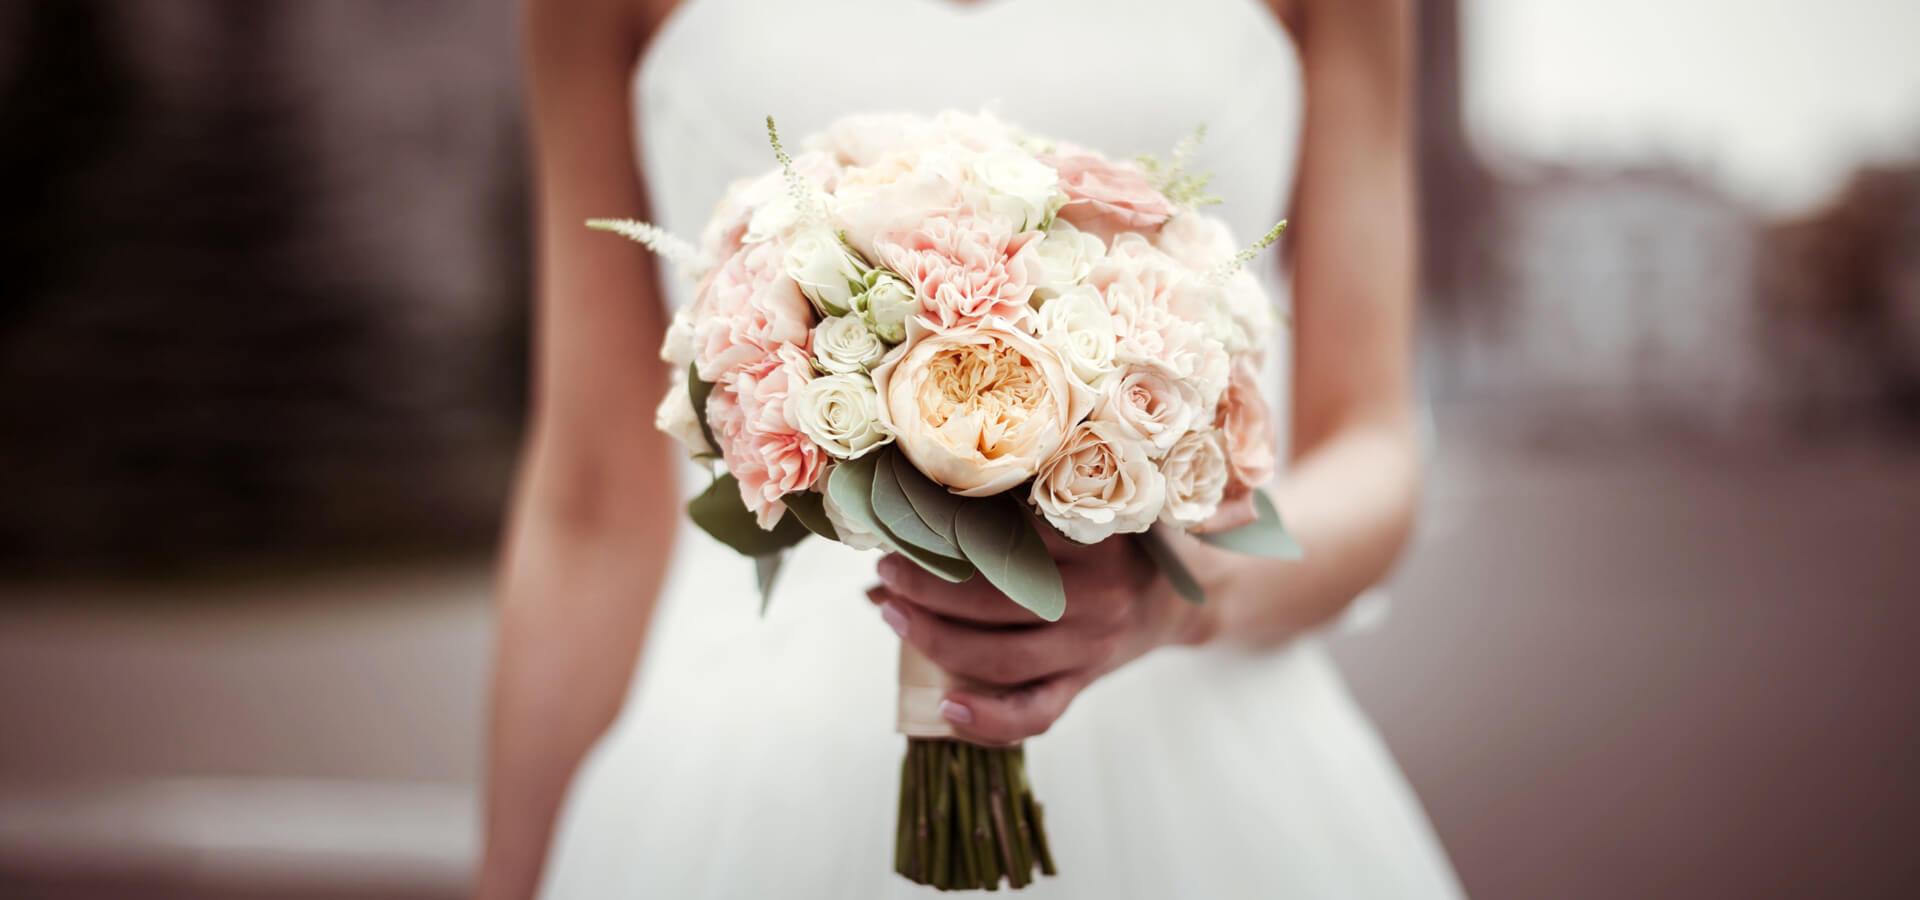 Как выбрать идеальный букет невесты?